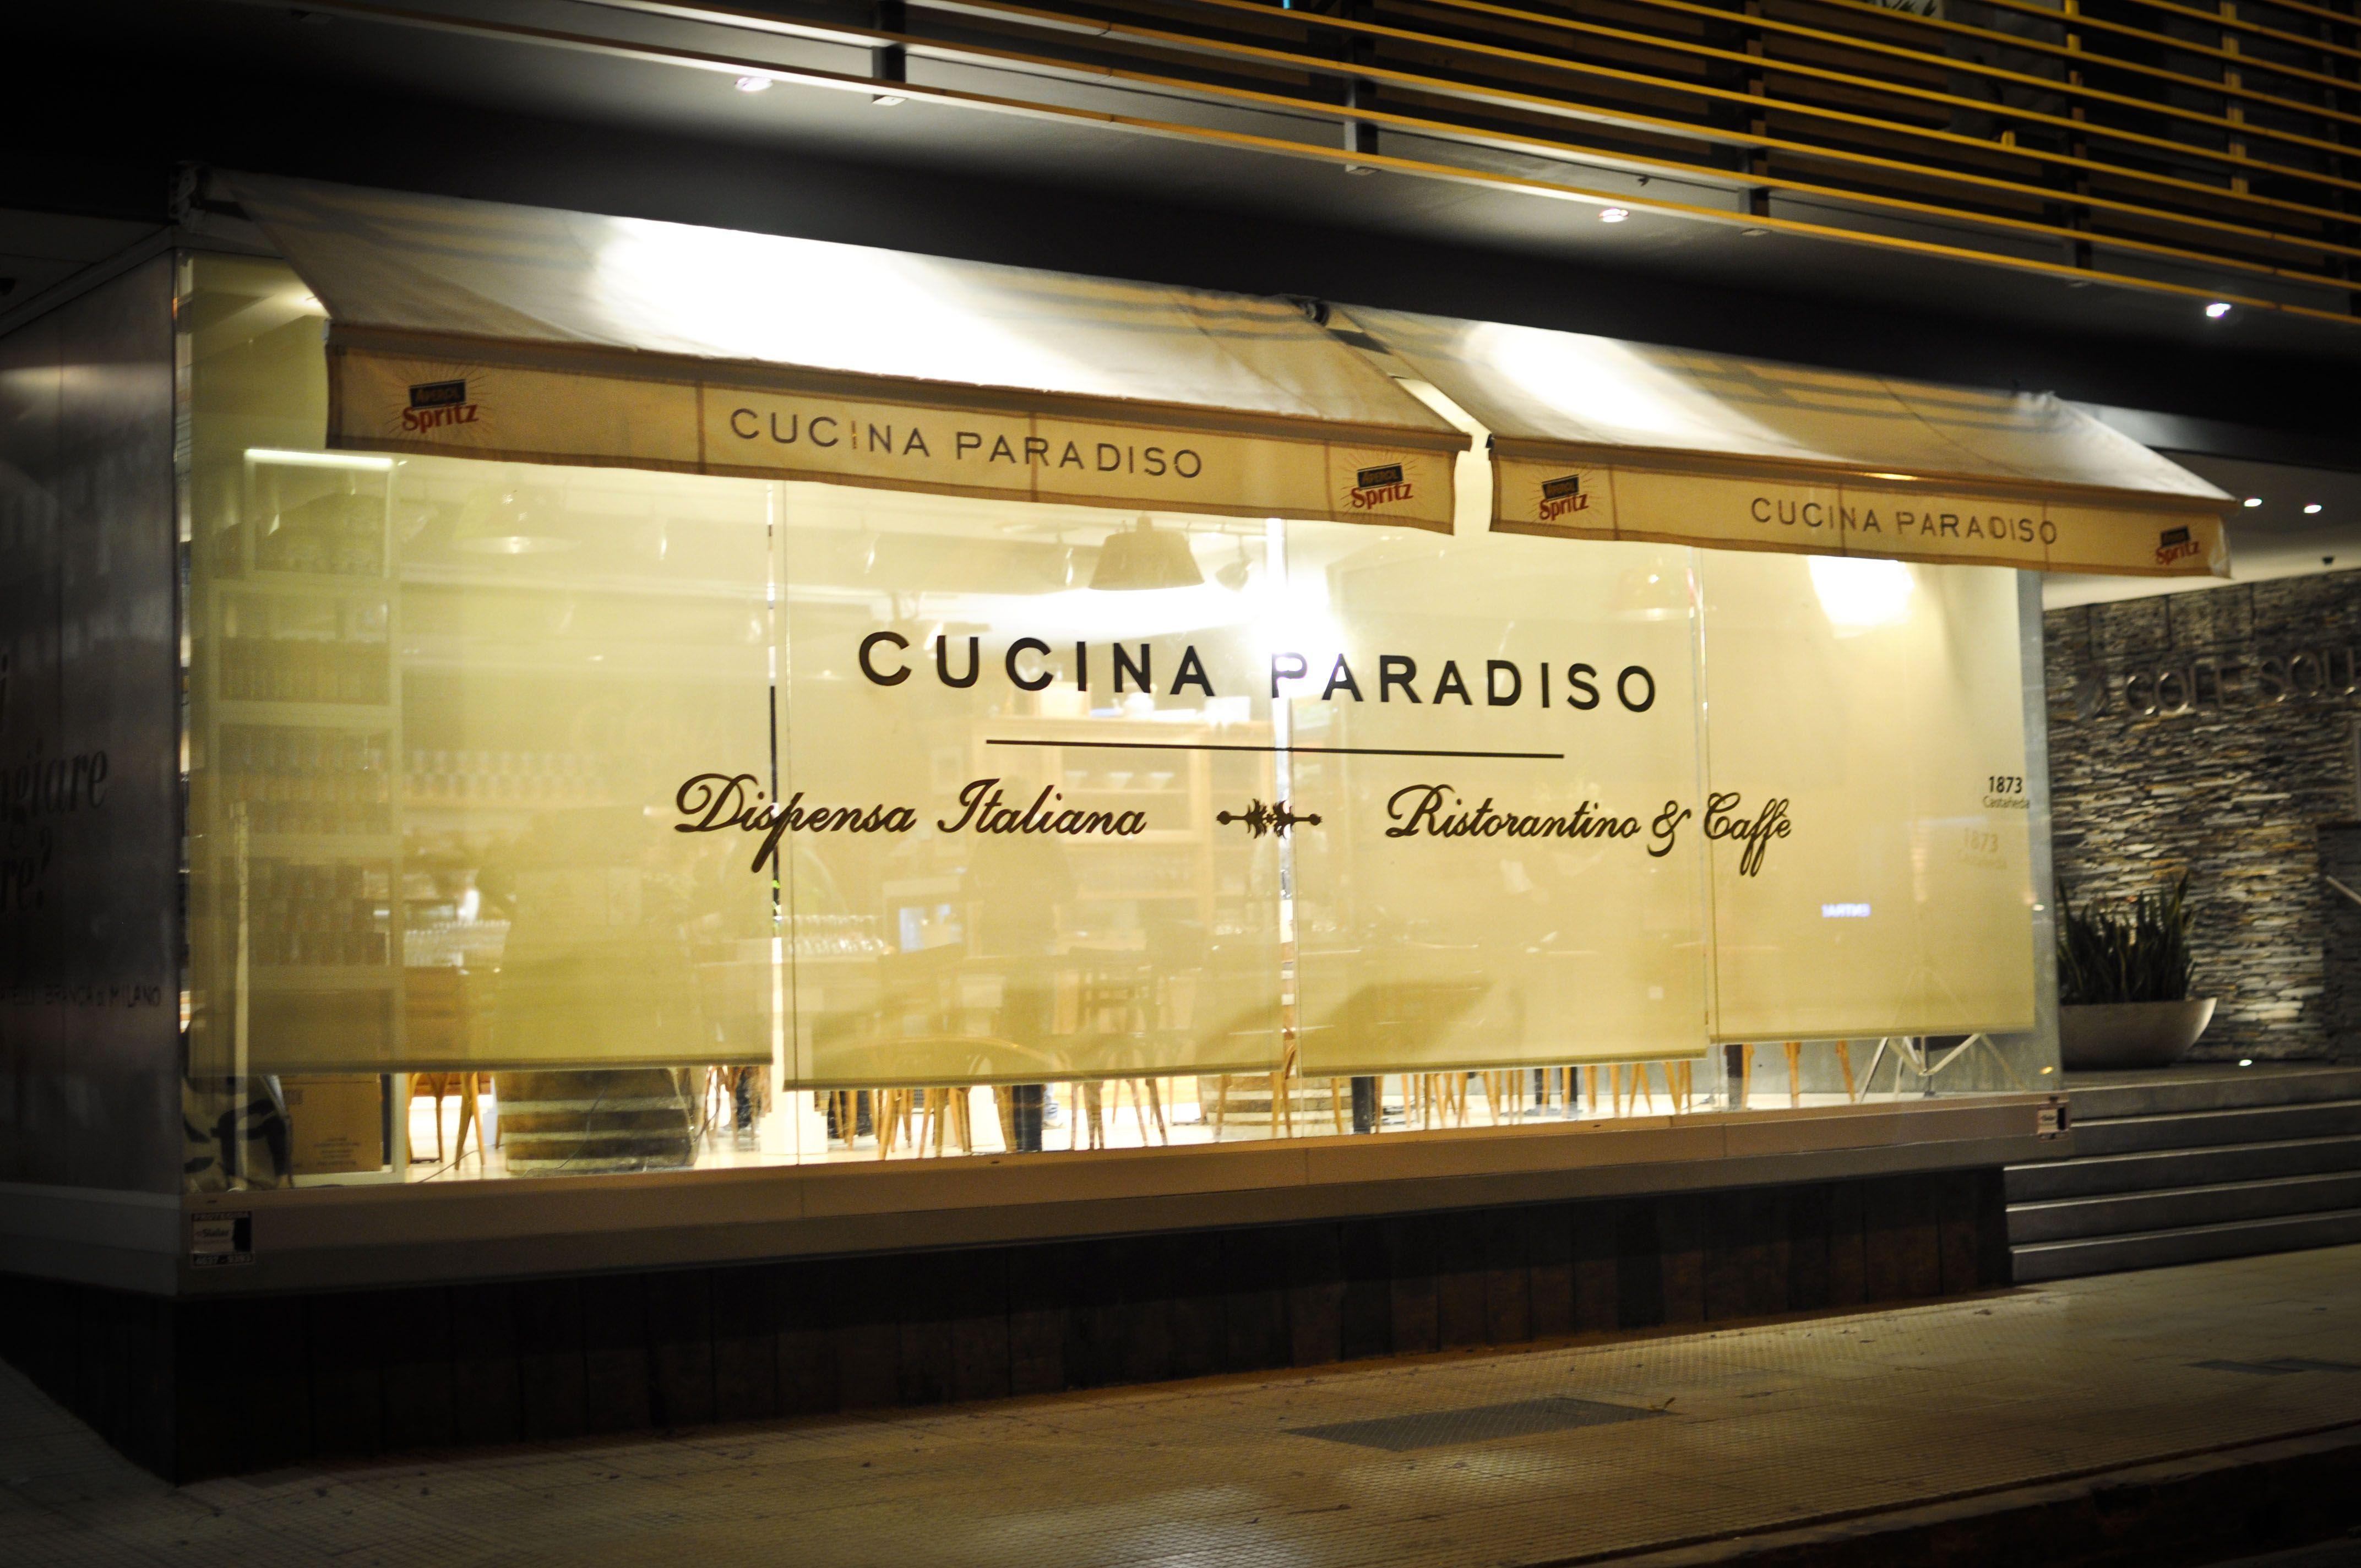 Donato De Santis - Cucina Paradiso cuenta con locales situados en Belgrano y Palermo en la ciudad de Buenos Aires